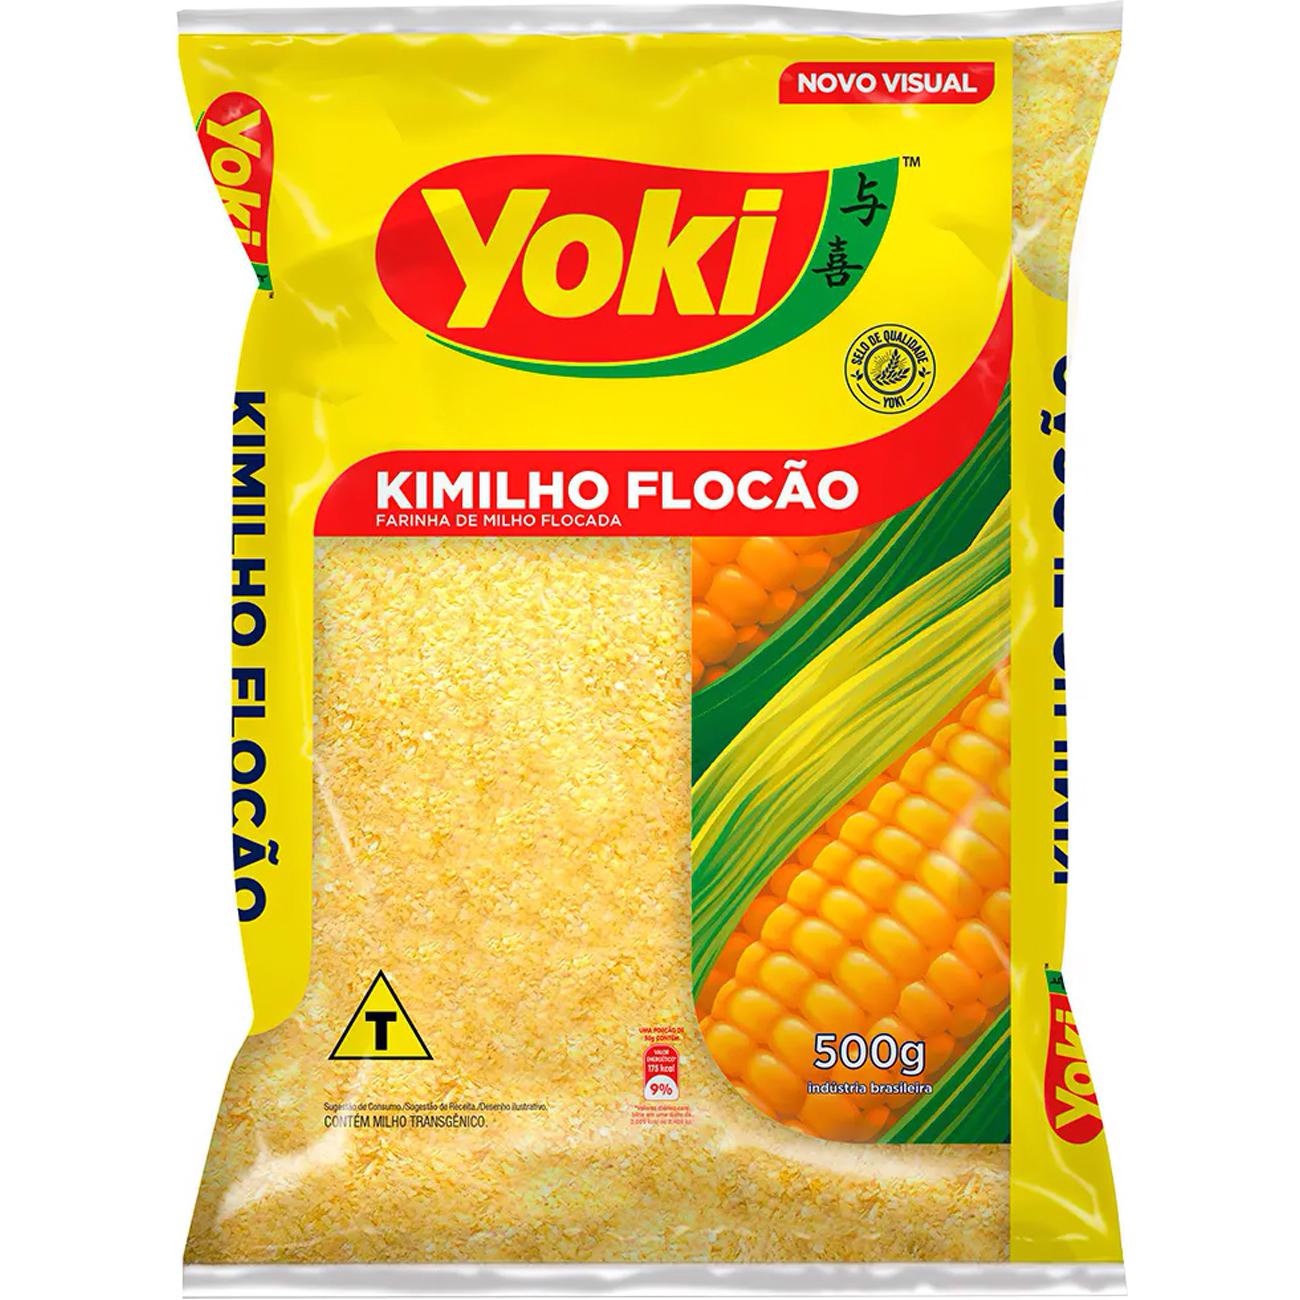 Farinha Kimilho Yoki Flocao 500G